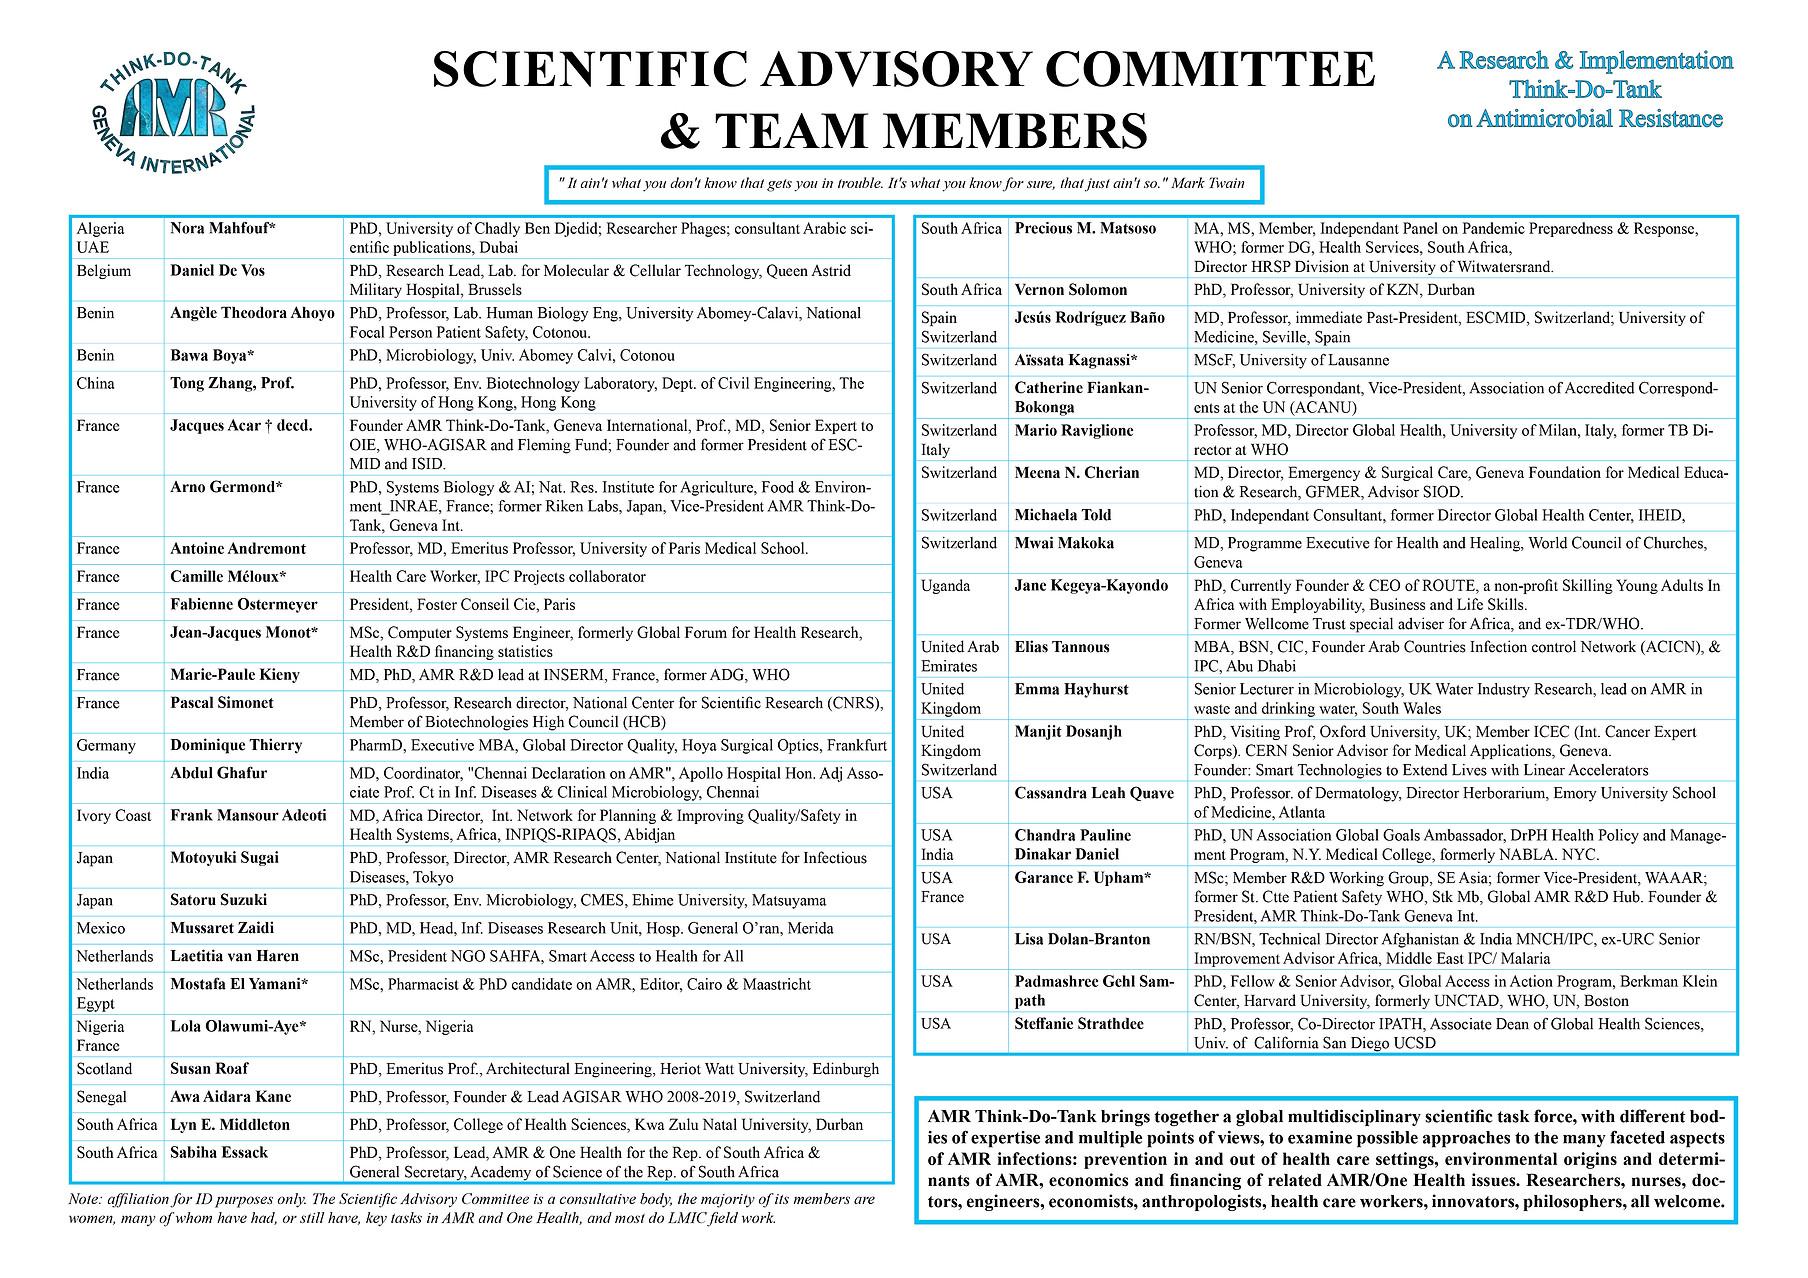 AMR_TDT Scientific Committee 2021-10-22.jpg